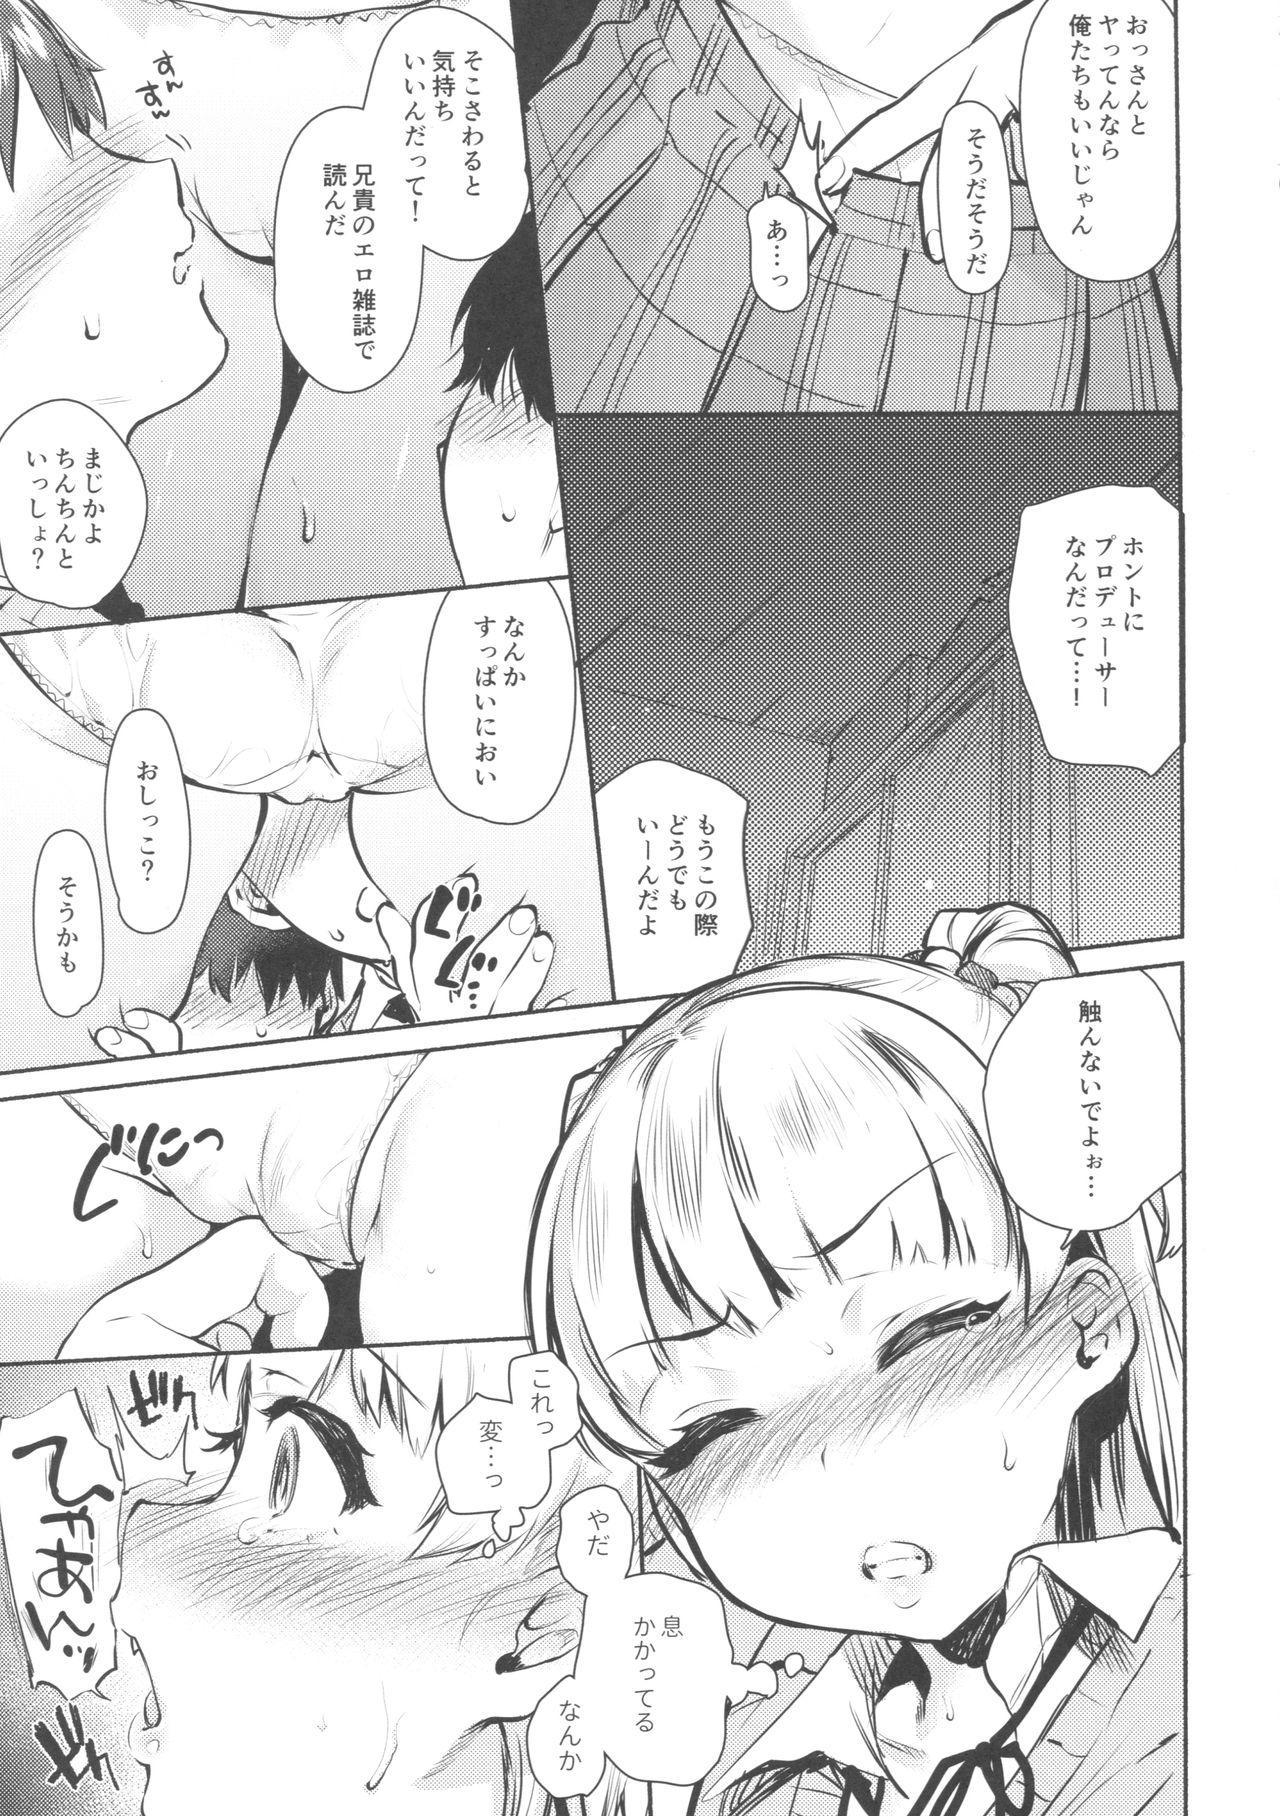 Onaji Class no Jougasaki ga Eroi node Minna de Rape Shita. 7